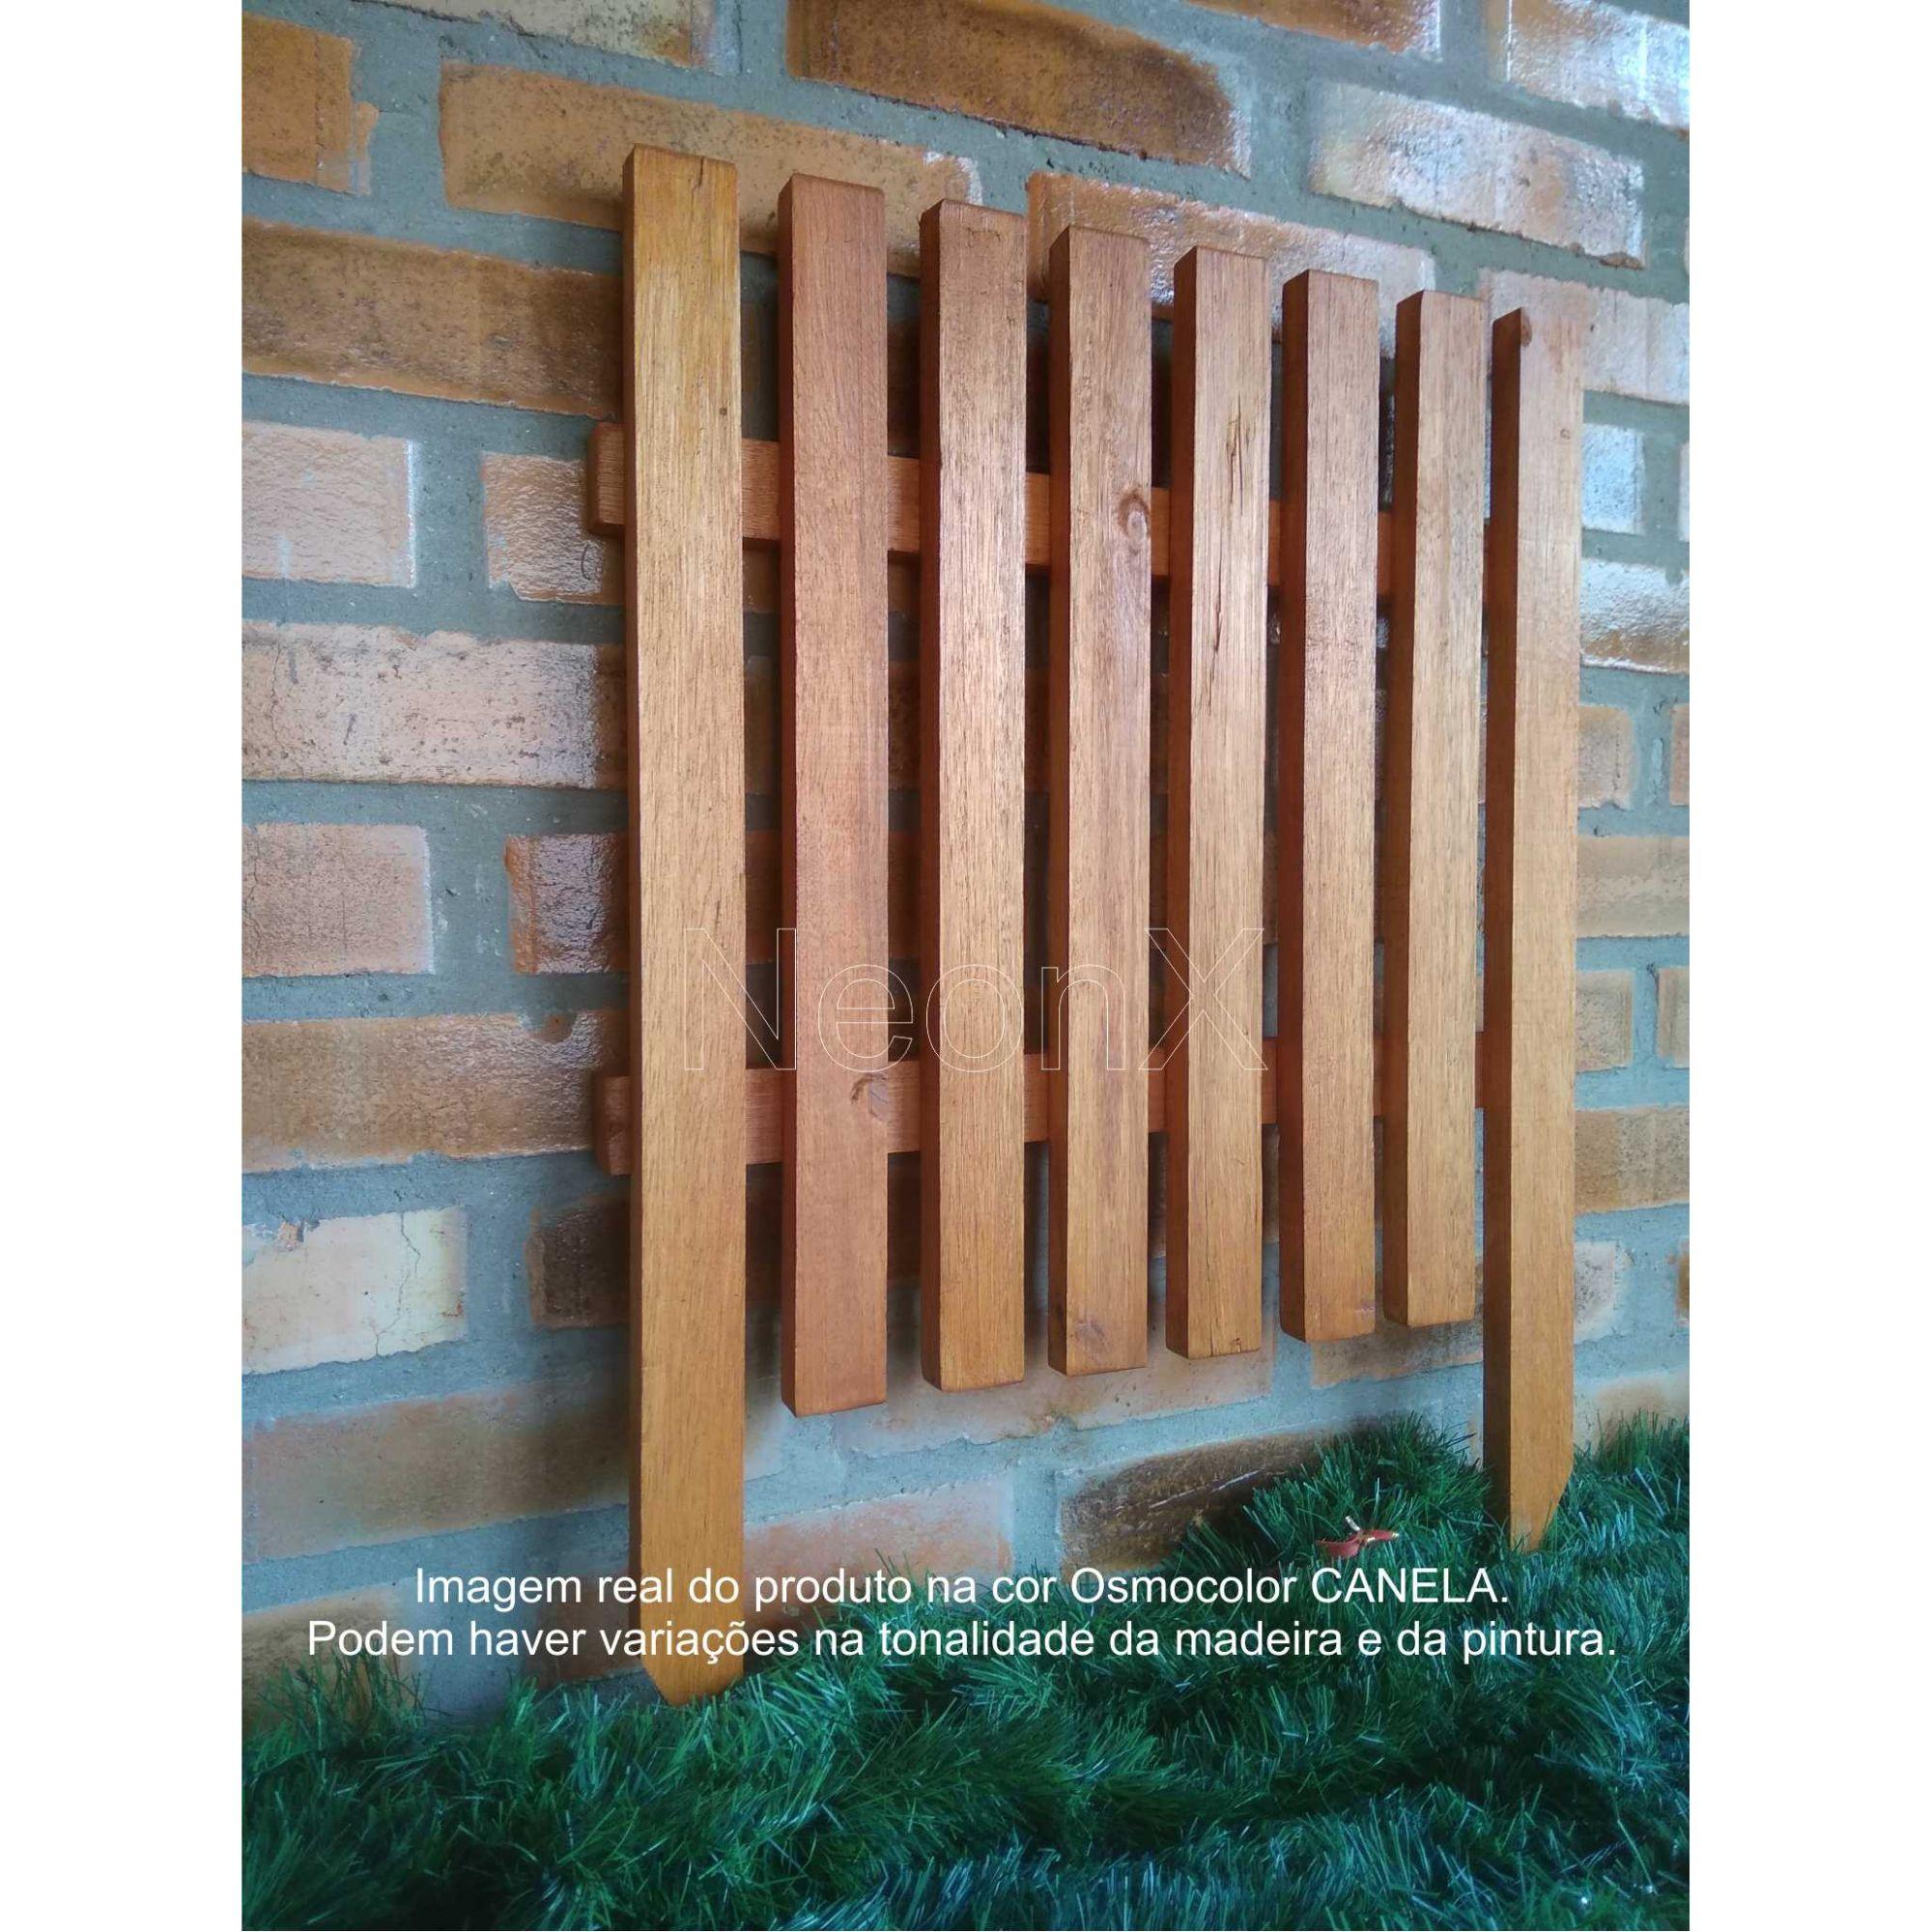 Cerca Cerquinha para Jardim, Horta ou Decoração Clássica Modular Reforçada 50x65 cm Com Pintura Neonx